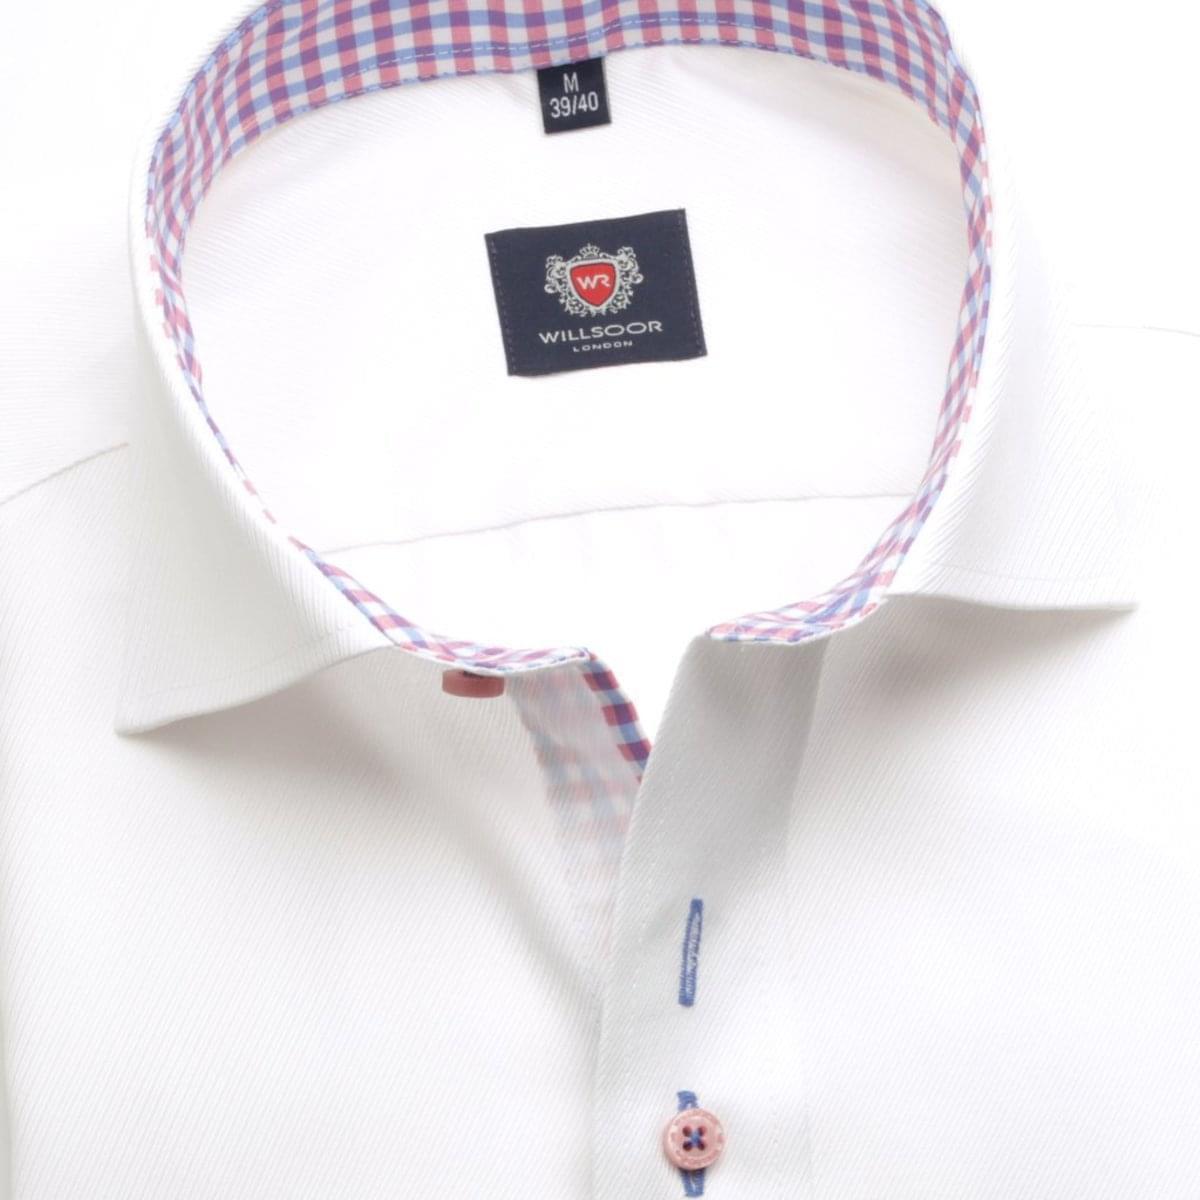 Pánská košile London v bílé barvě (výška 176-182) 5443 176-182 / L (41/42)